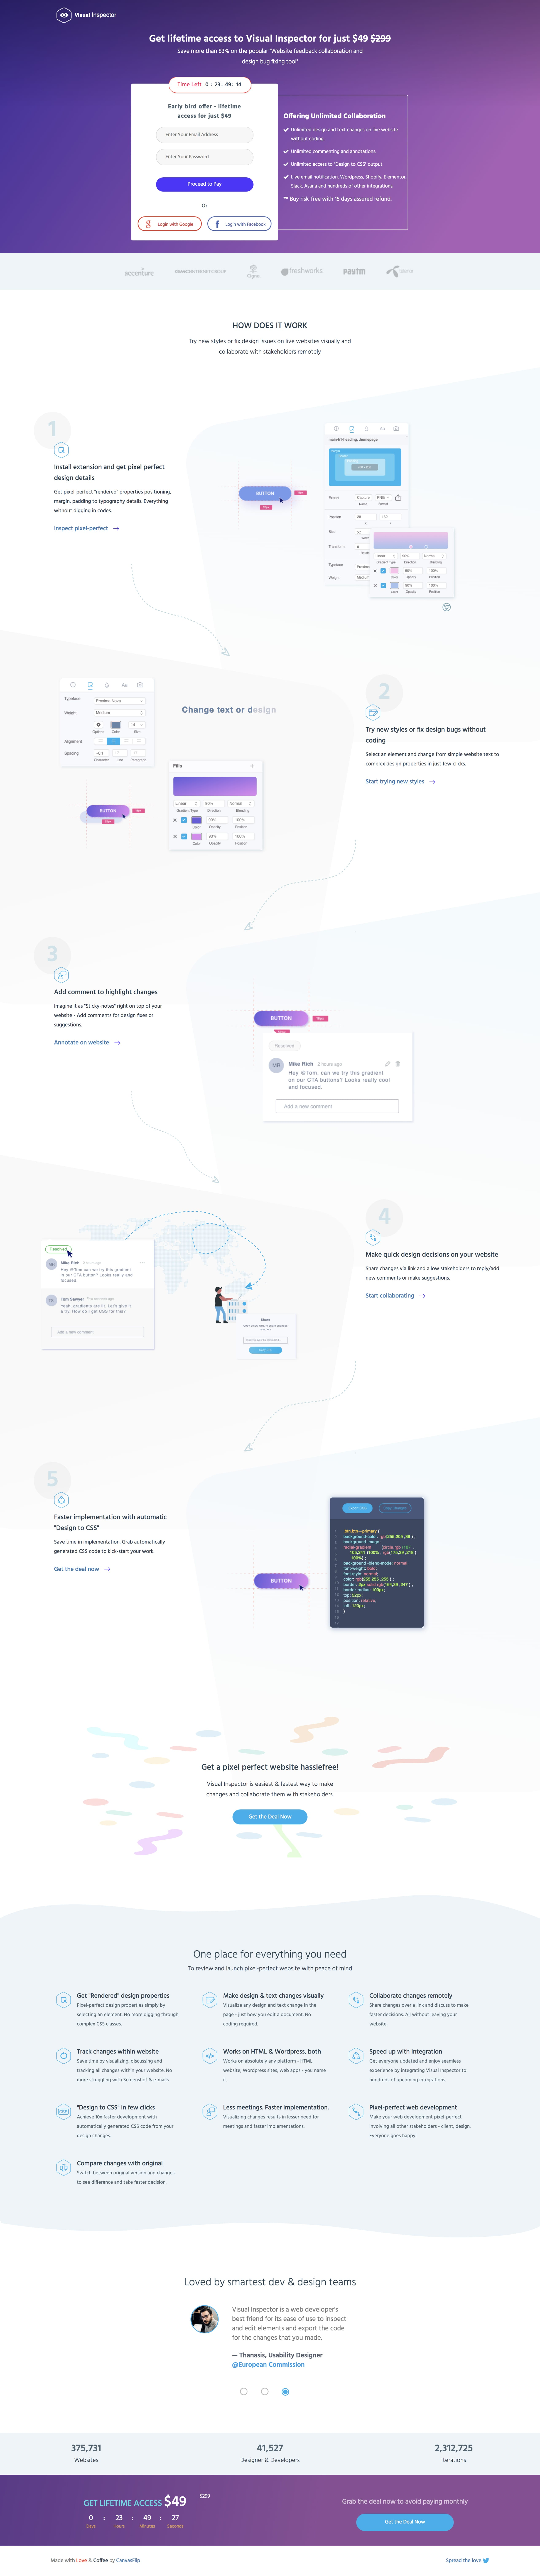 Visual Inspector – Early Bird Offer Website Screenshot